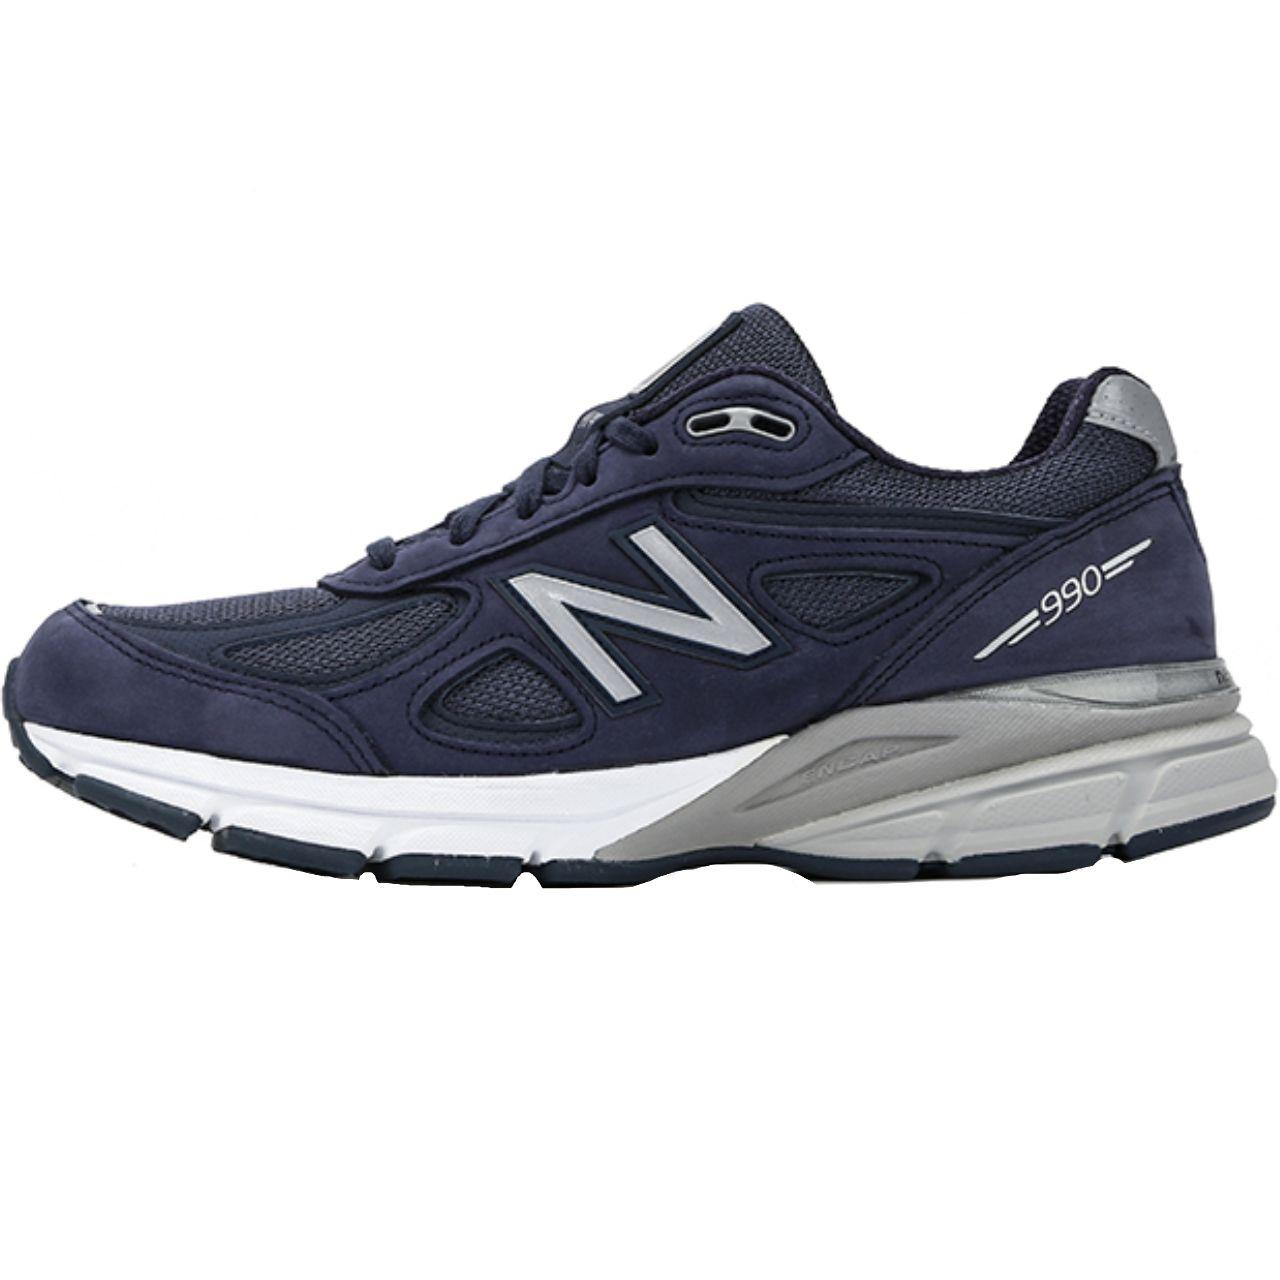 قیمت کفش دویدن مردانه نیوبالانس مدل M990IN4